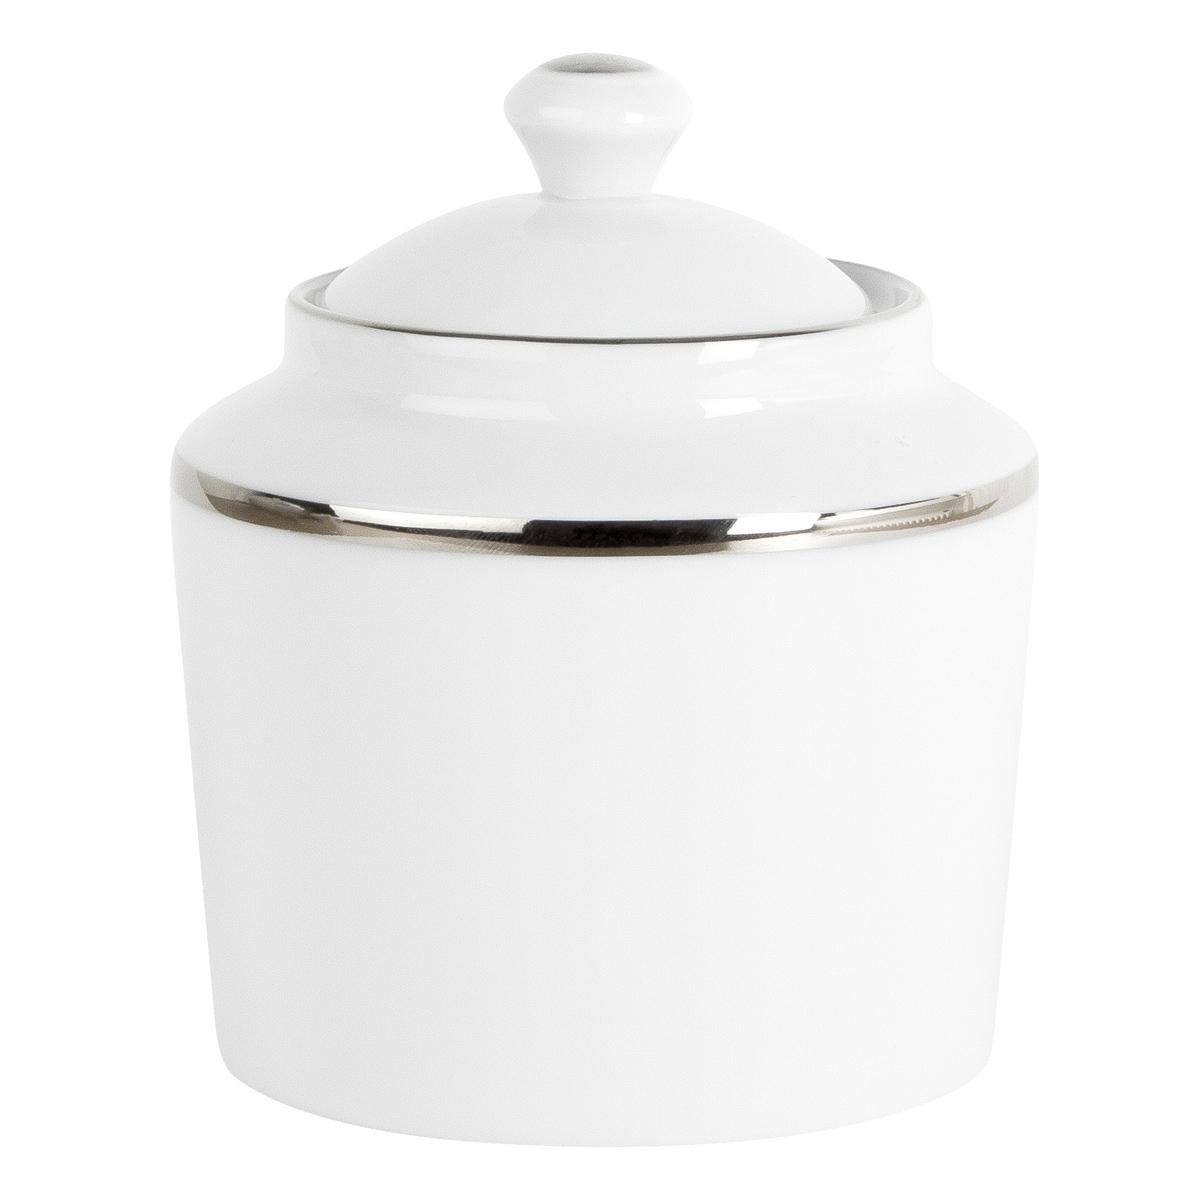 galon platine soupiere 2 litres les assiettes la table parisienne. Black Bedroom Furniture Sets. Home Design Ideas